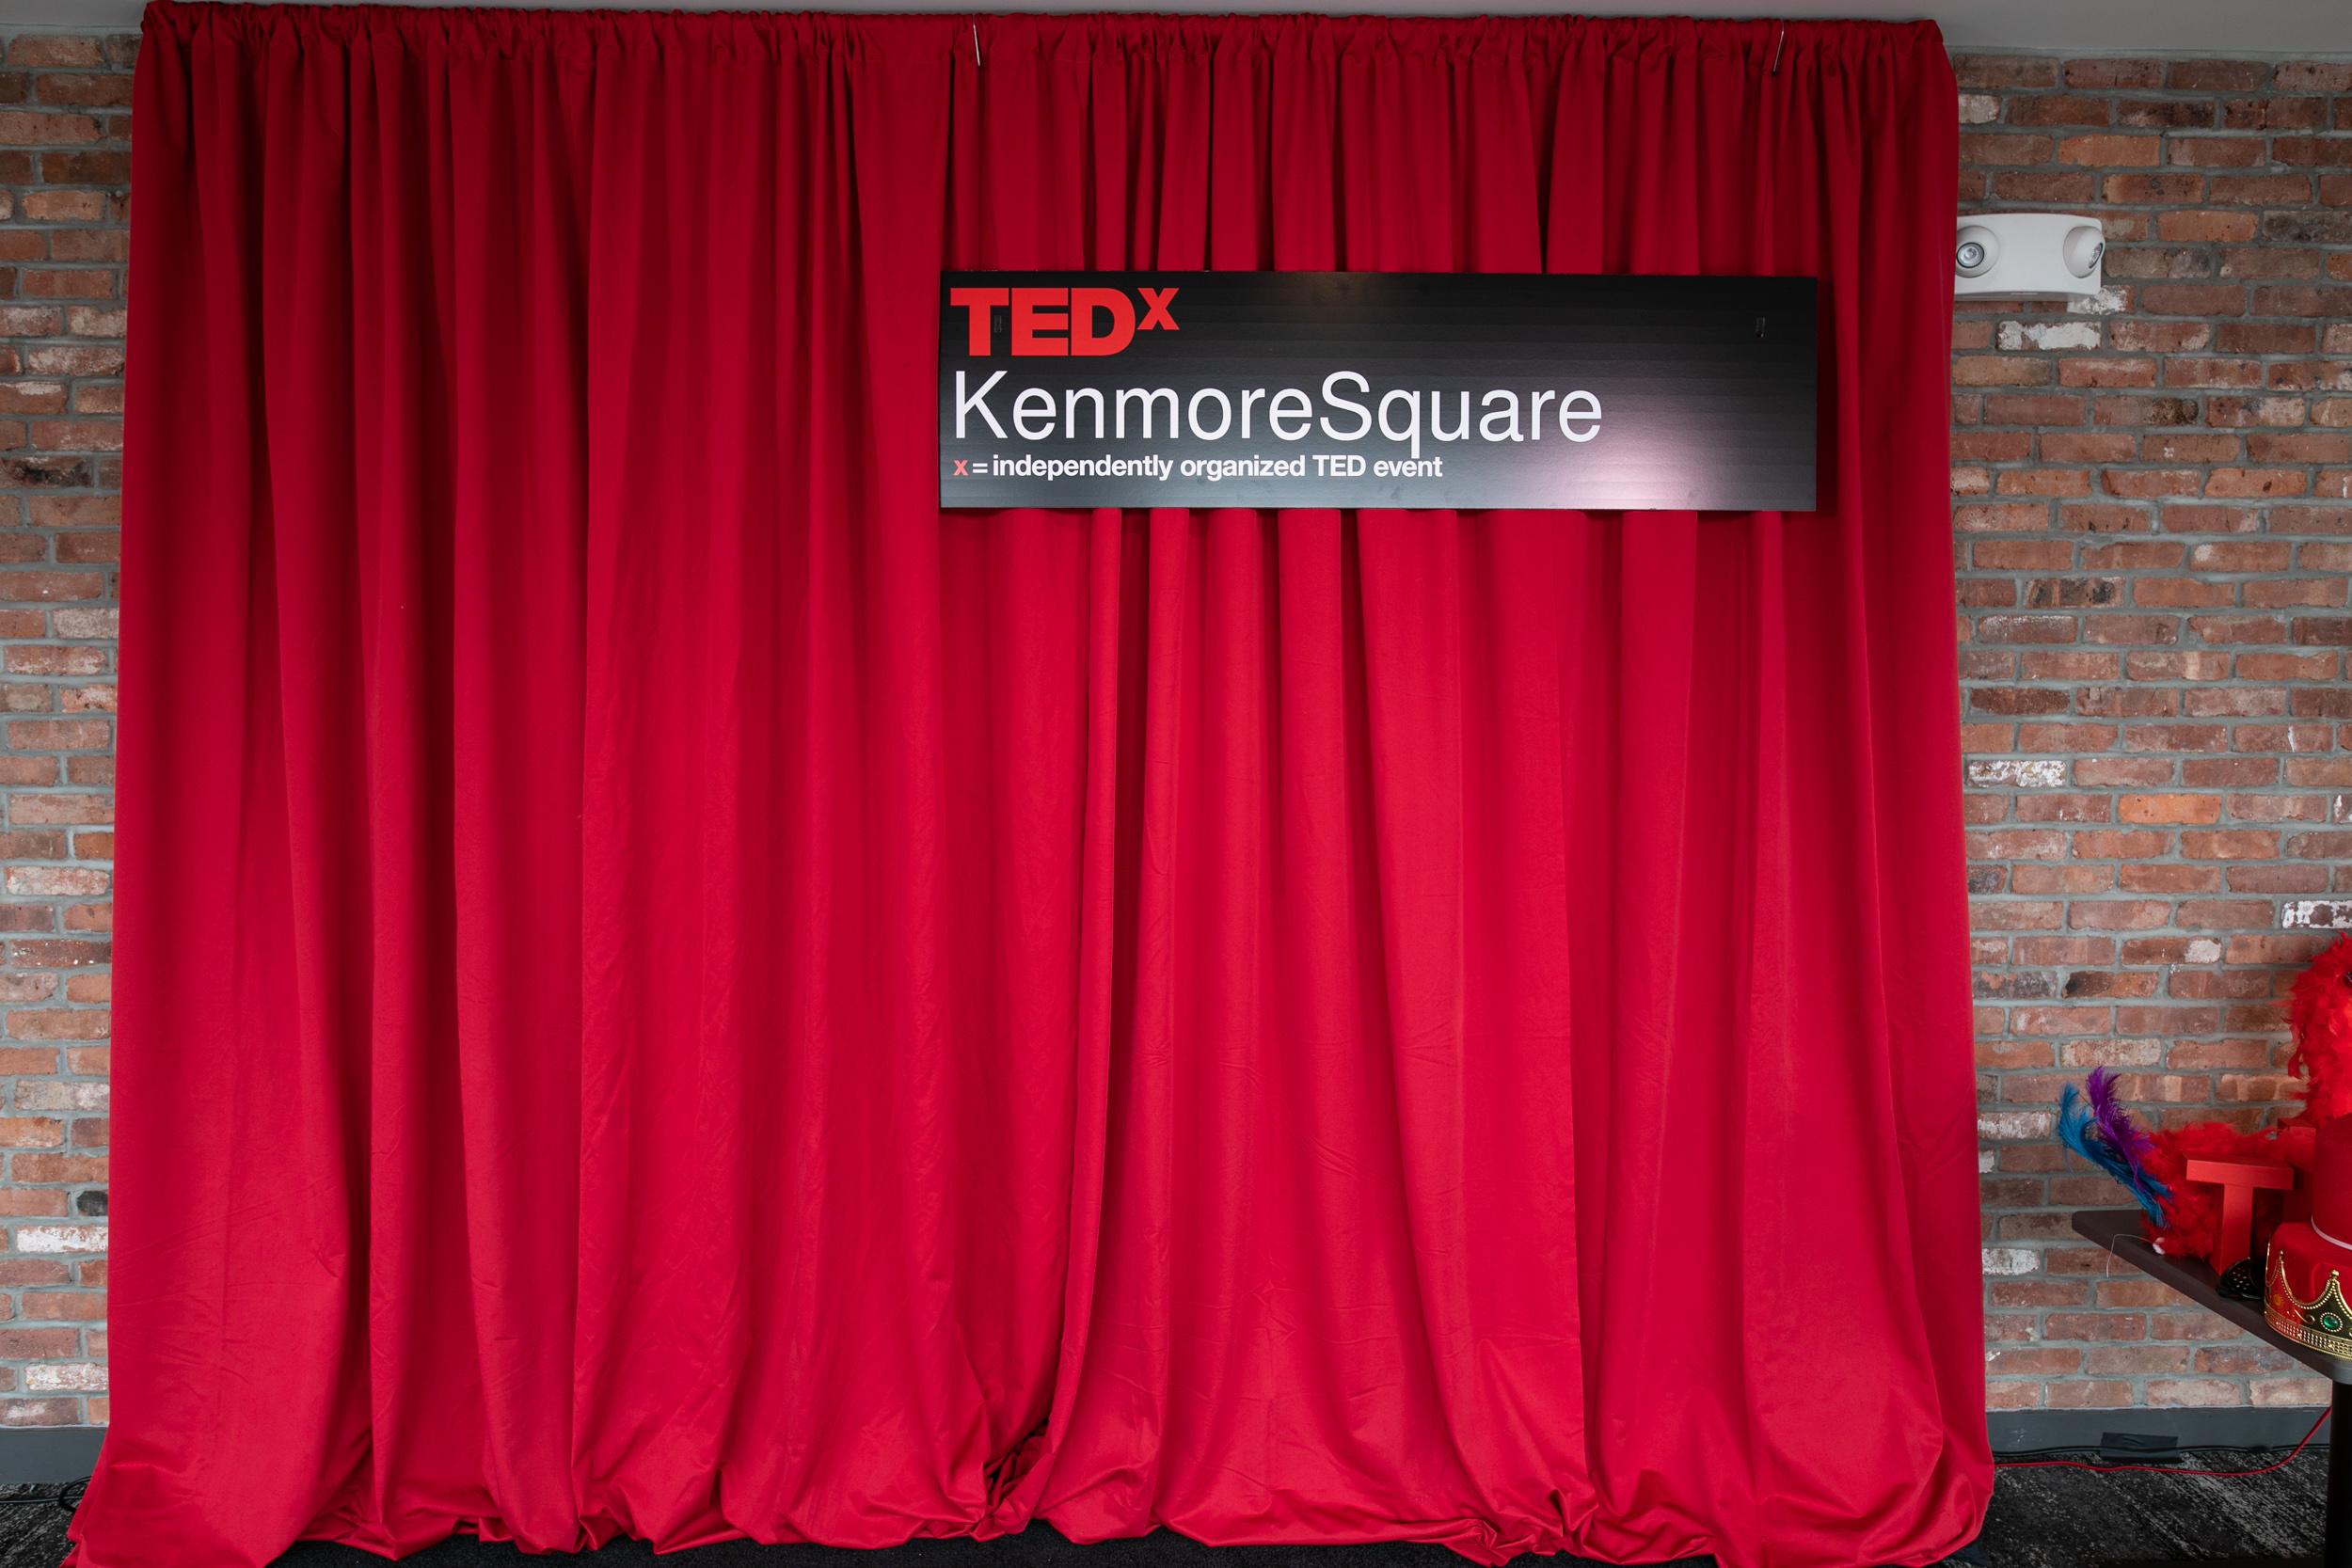 TEDx_KnemoreSquare_Pizzuti_Boston_Malloy_Events_Corporate_Production